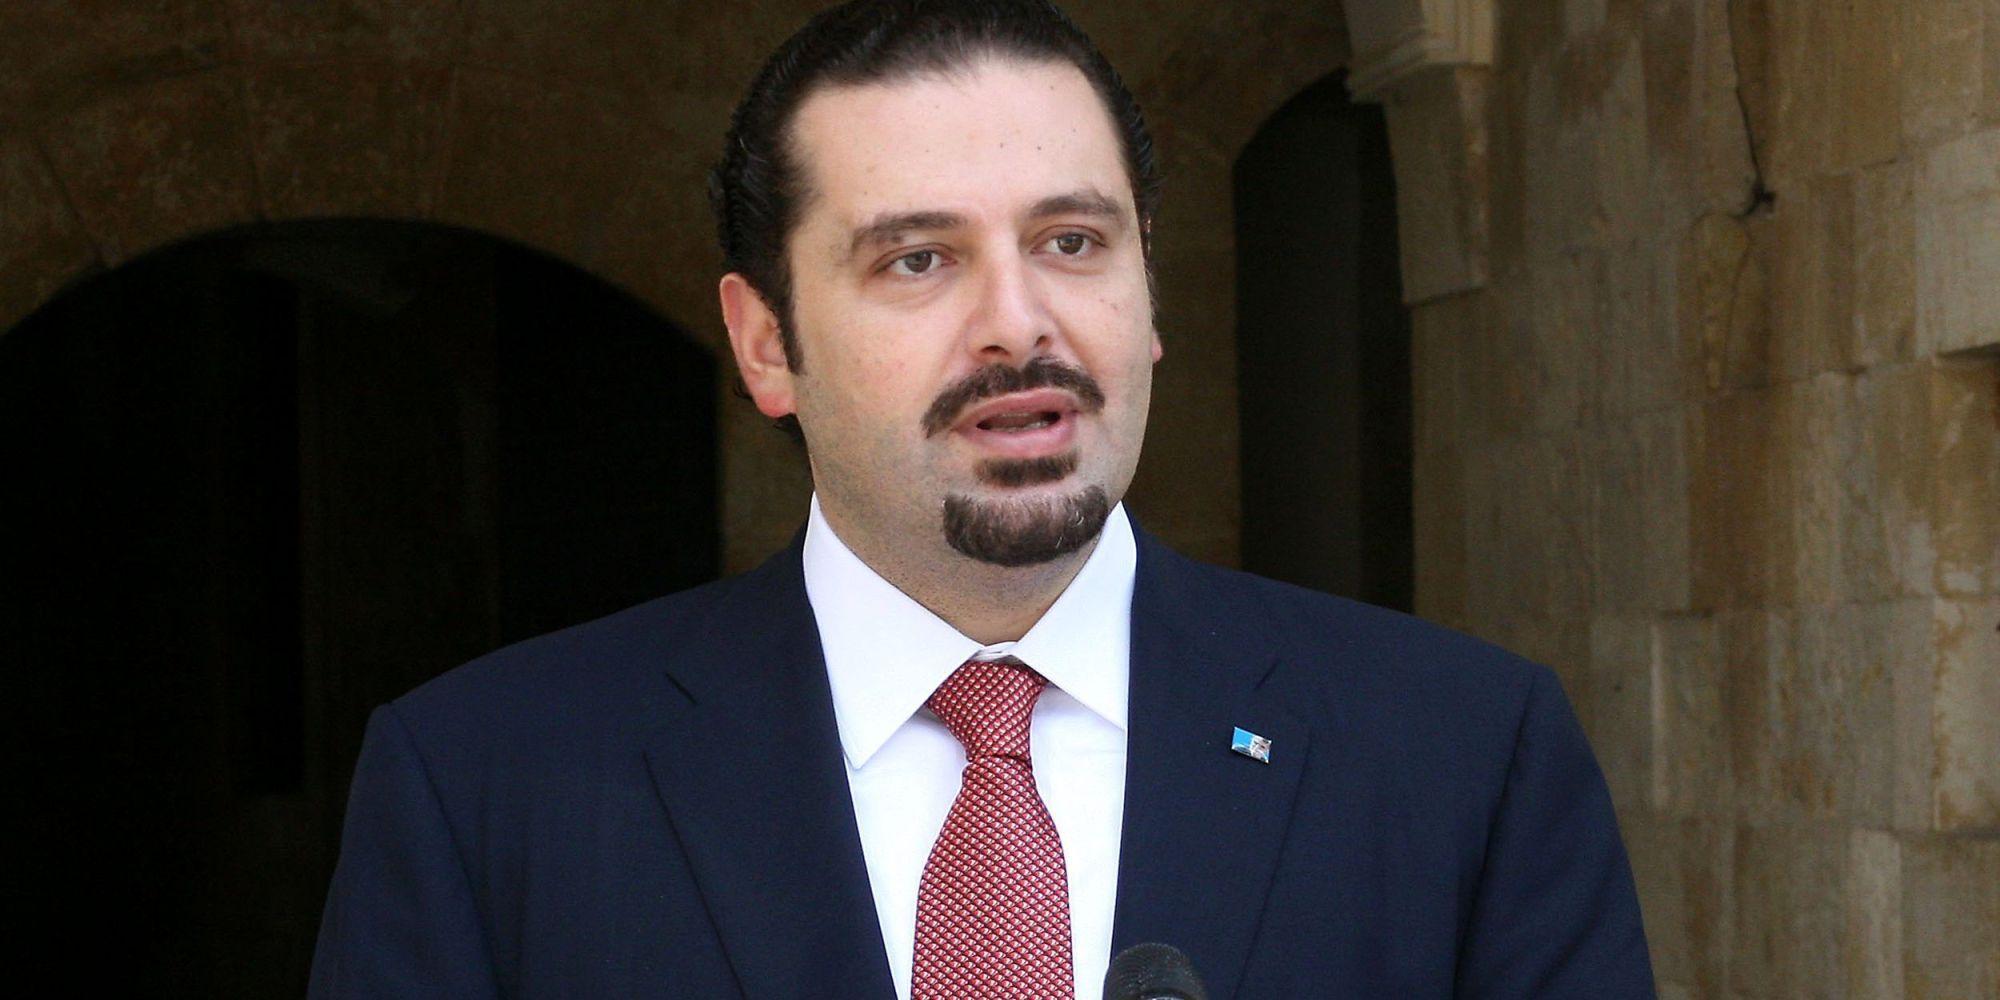 الحريري المستقيل يرد على الشائعات بصورة.. وينفي أنباء احتجازه في المملكة